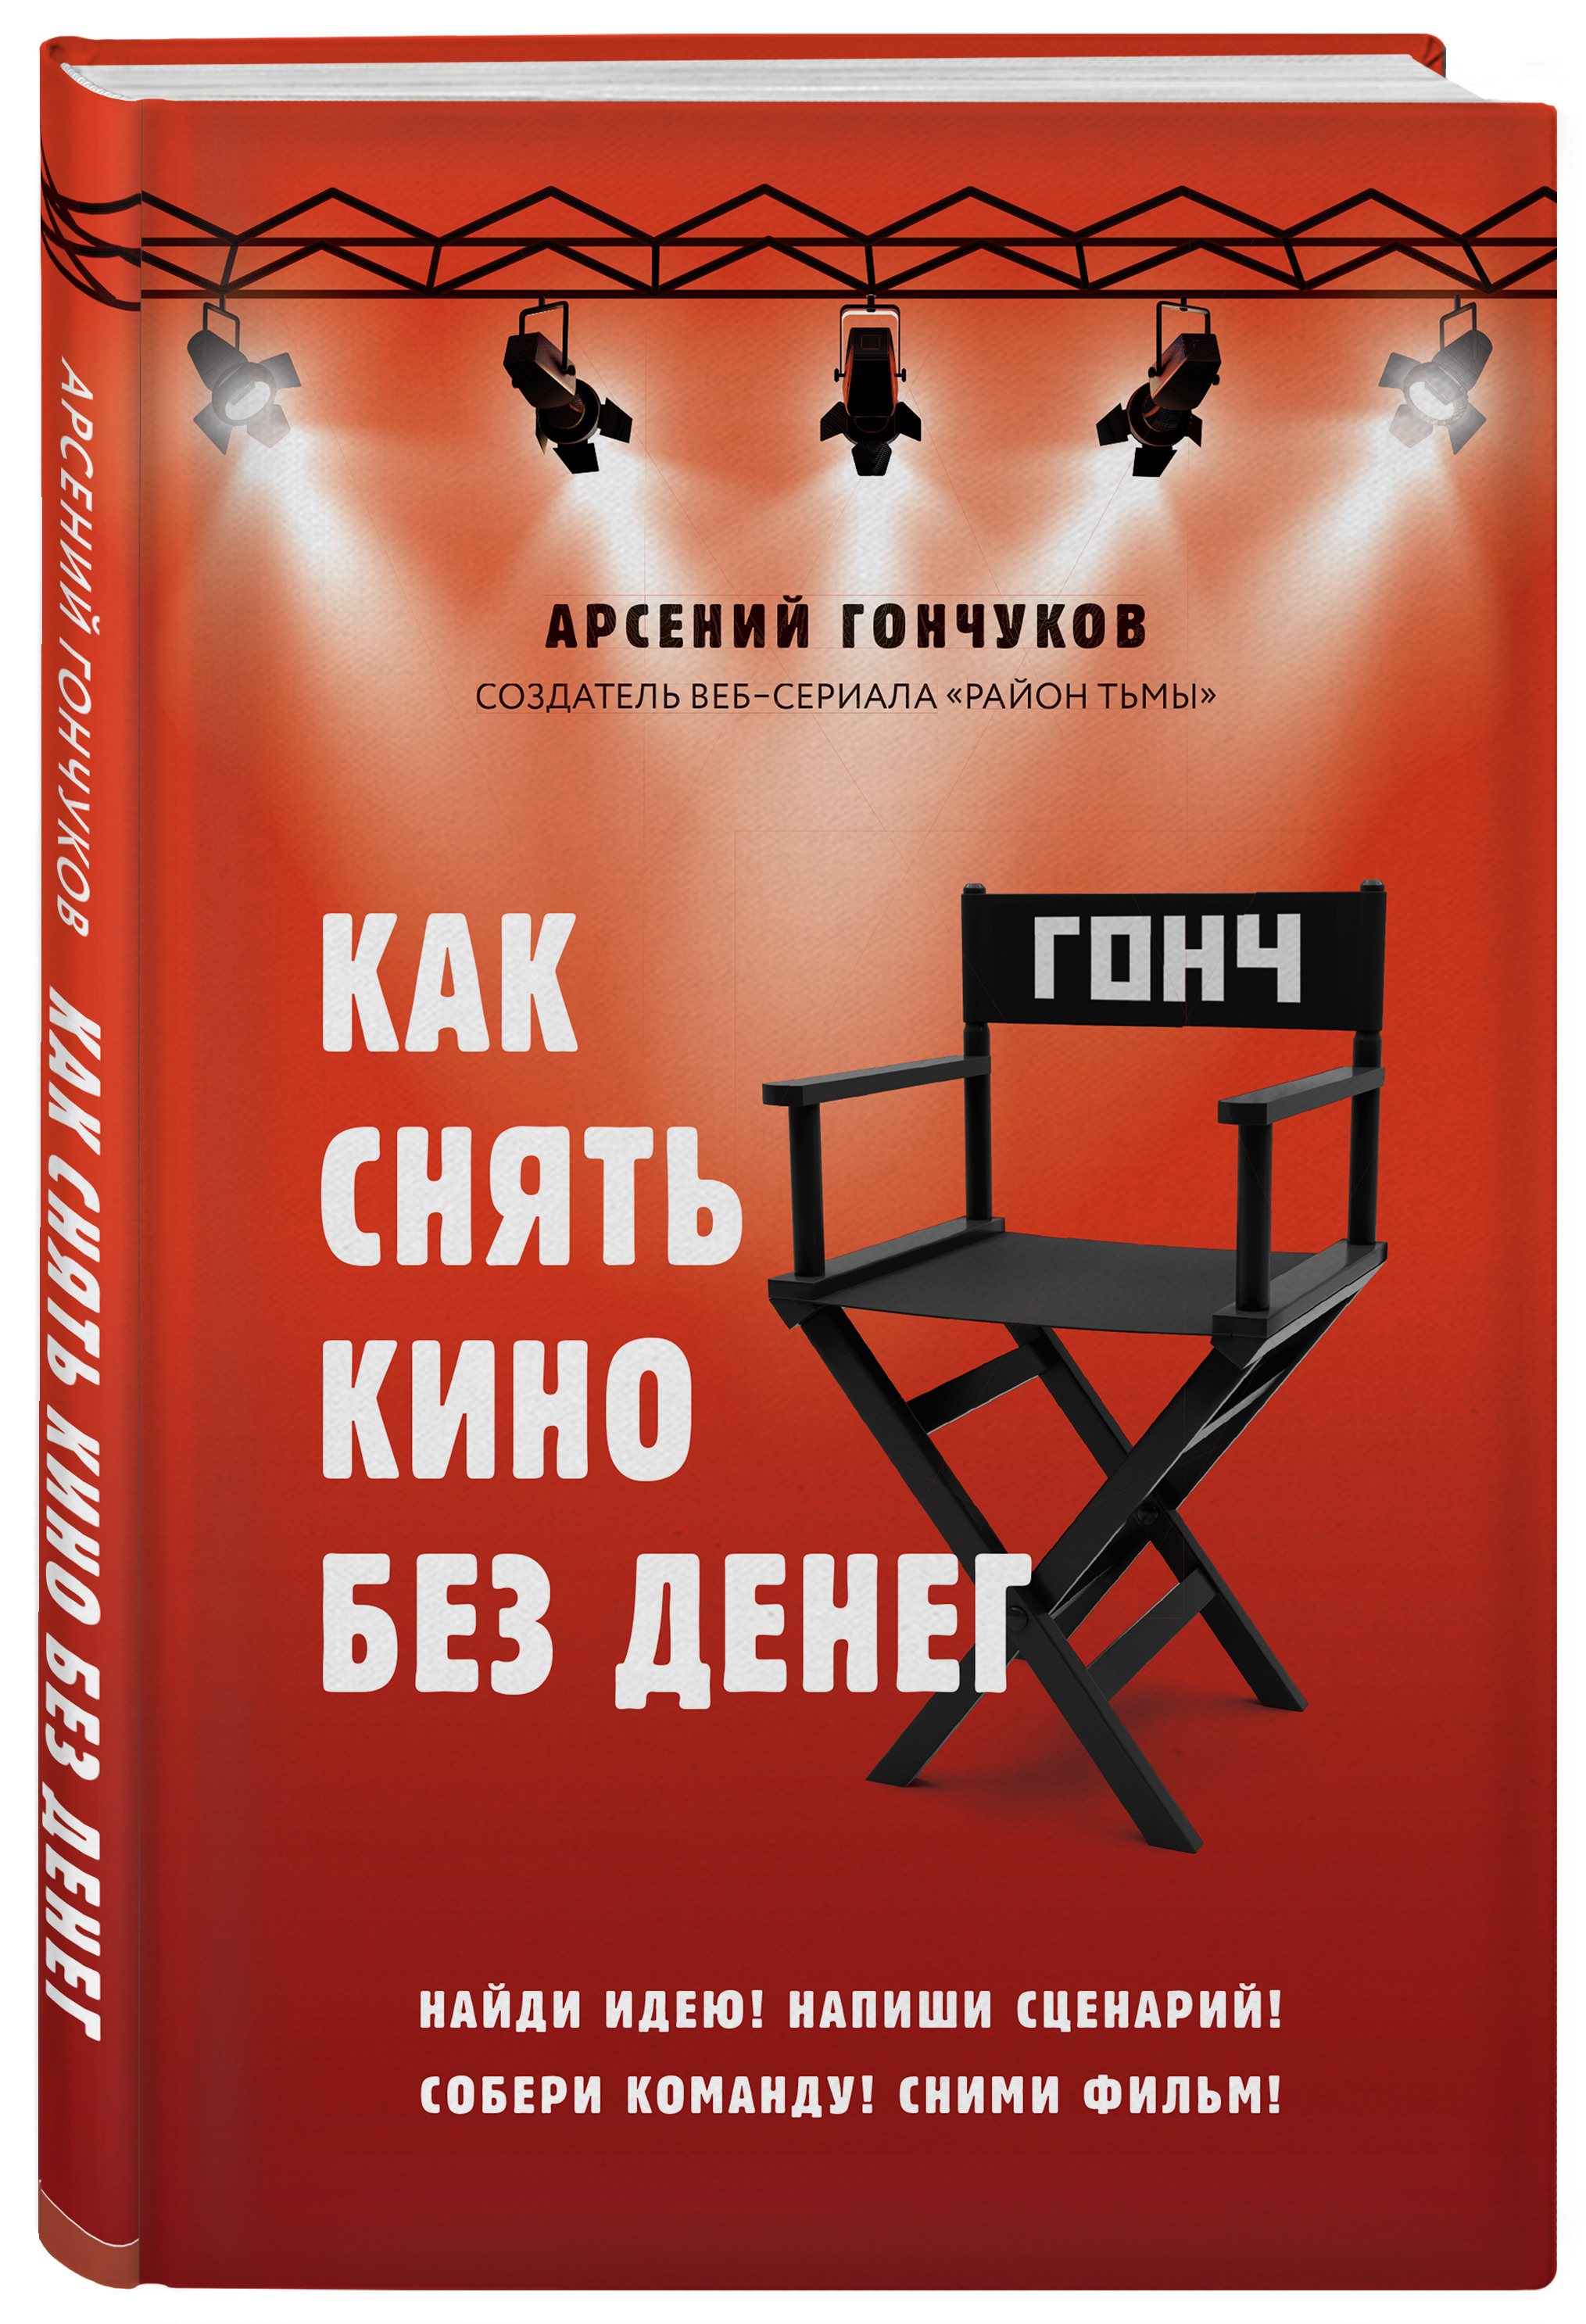 Как снять кино без денег ( Арсений Гончуков  )